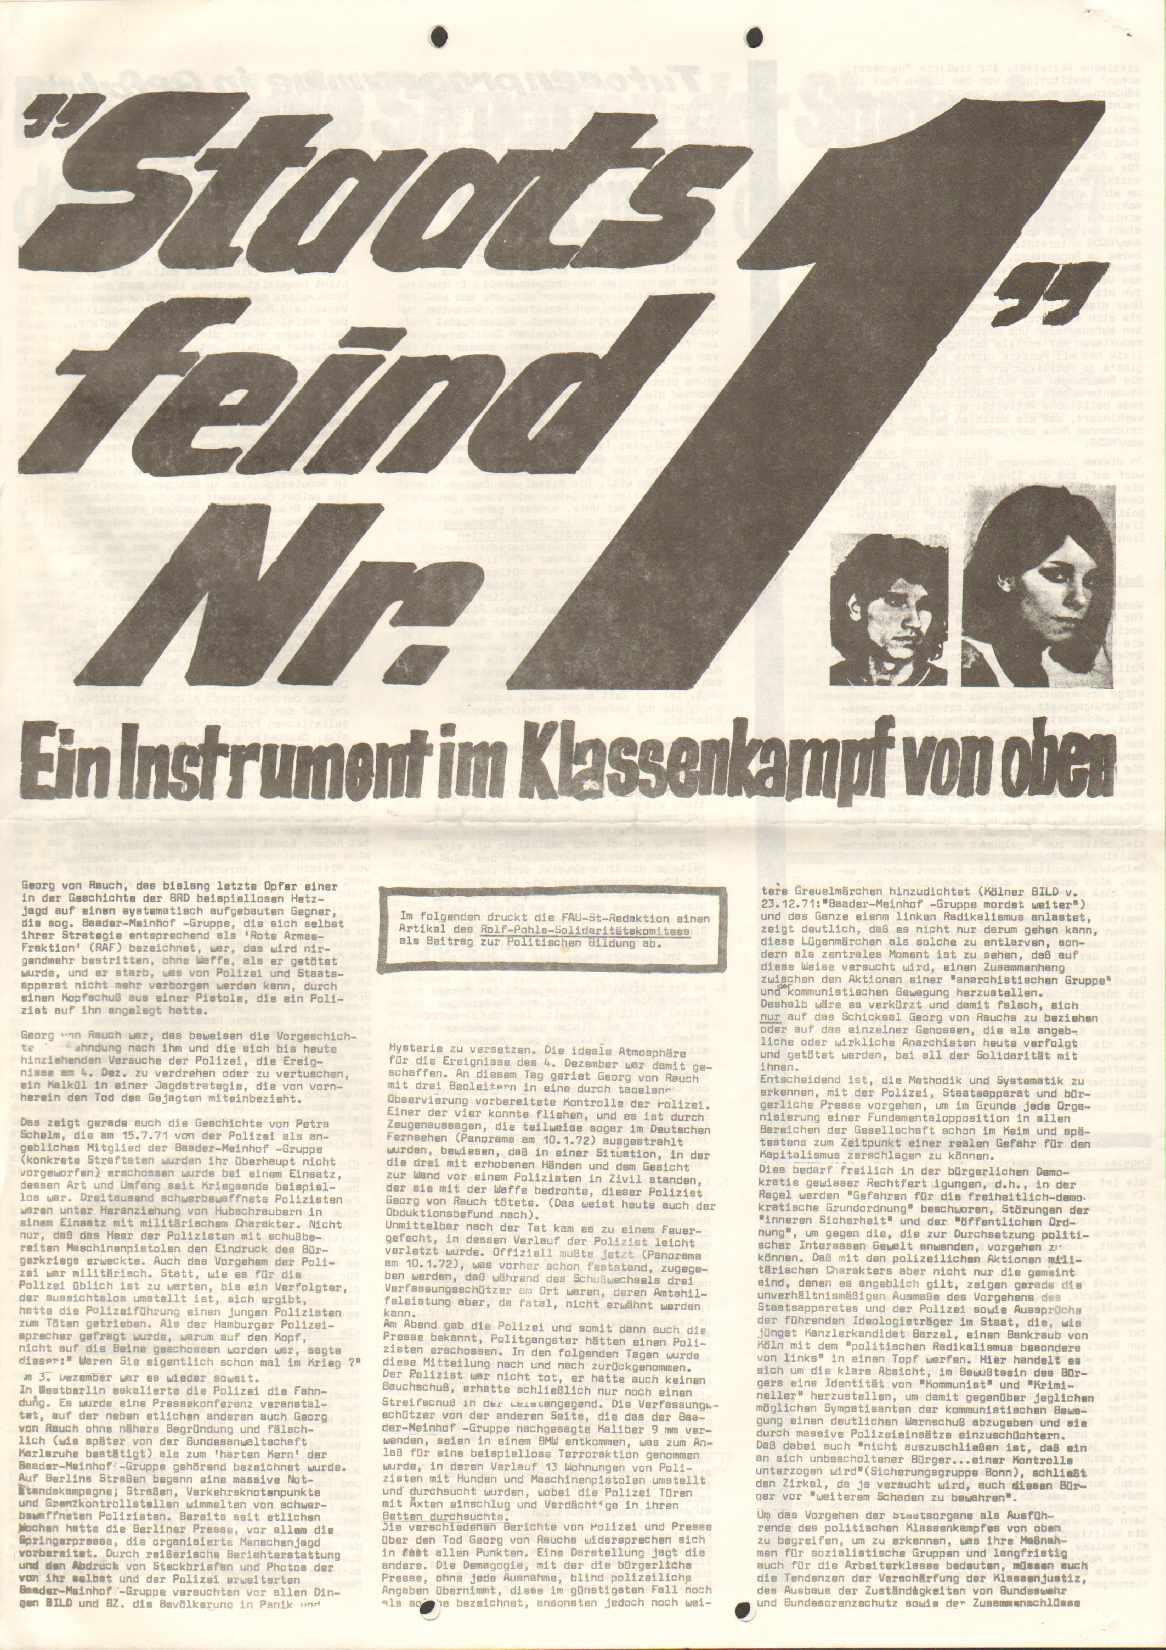 Erlangen_Faust066